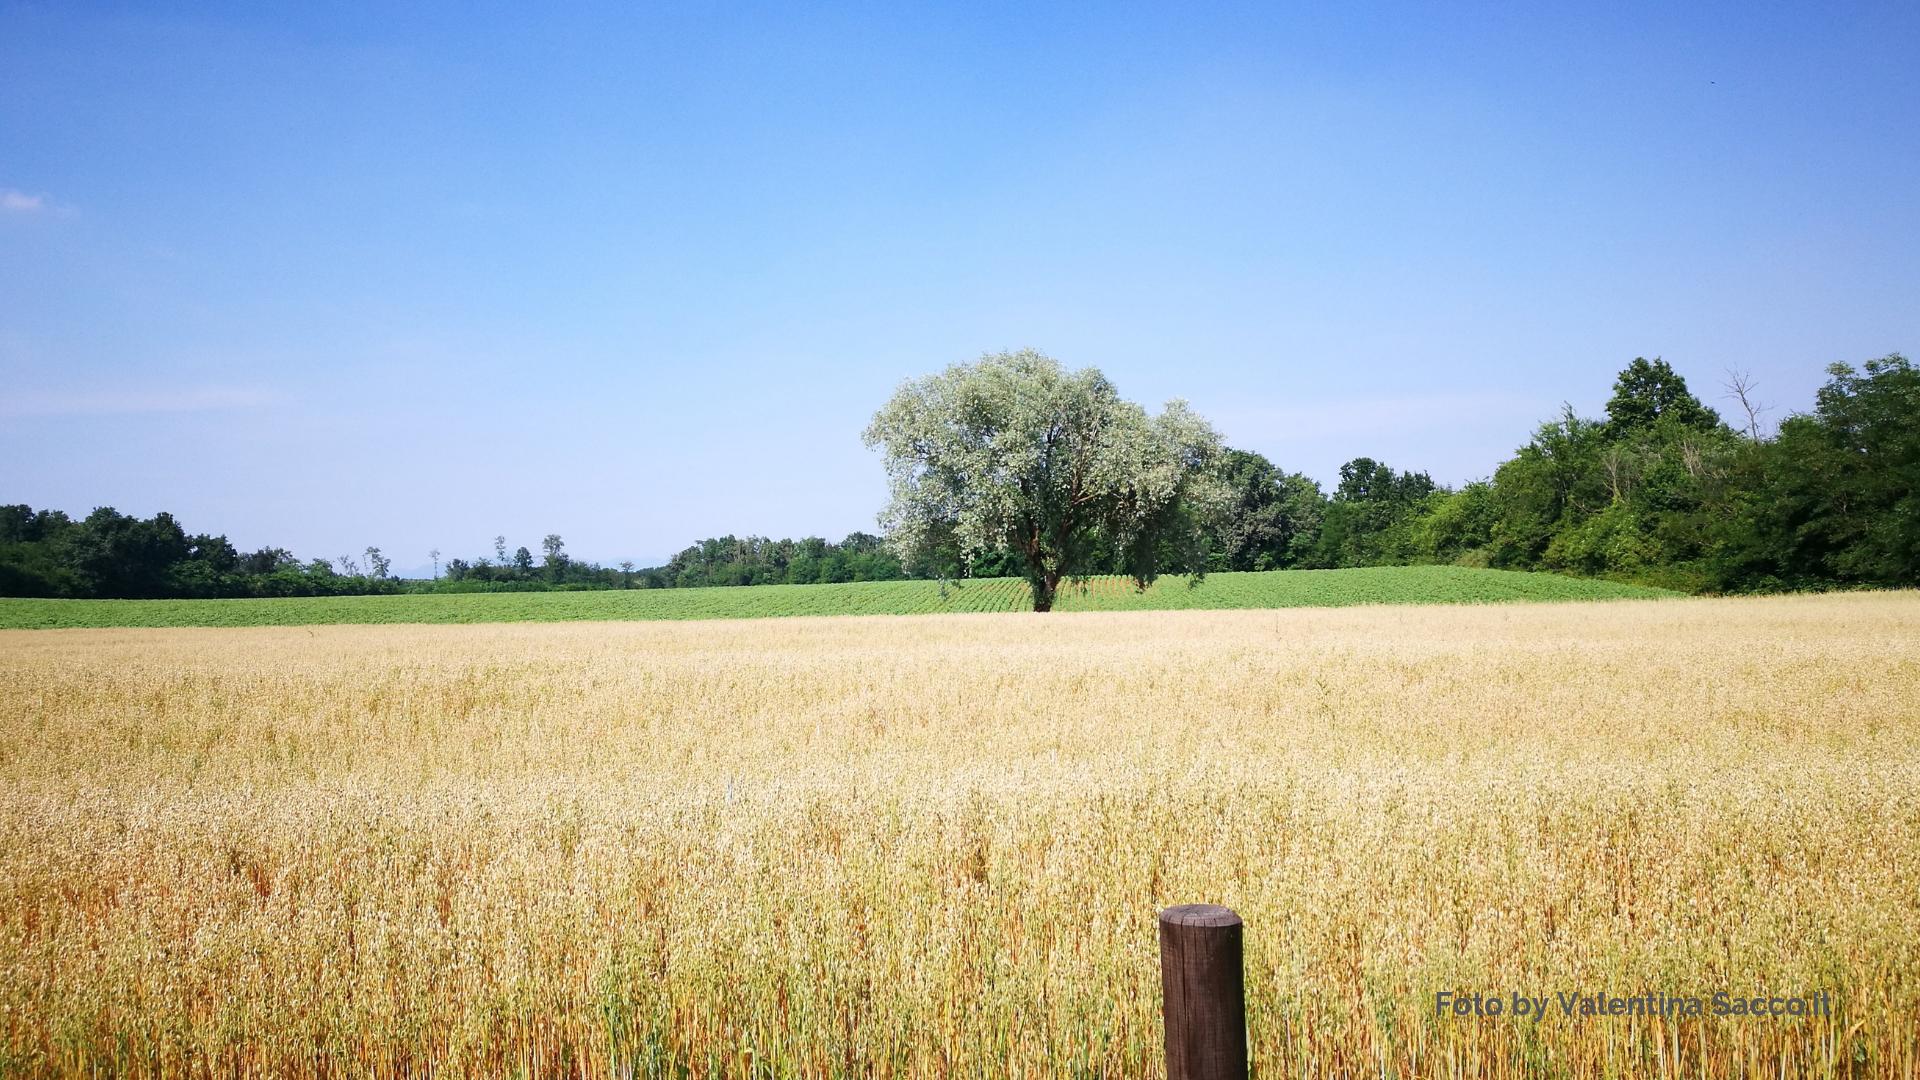 Campo coltivato con albero